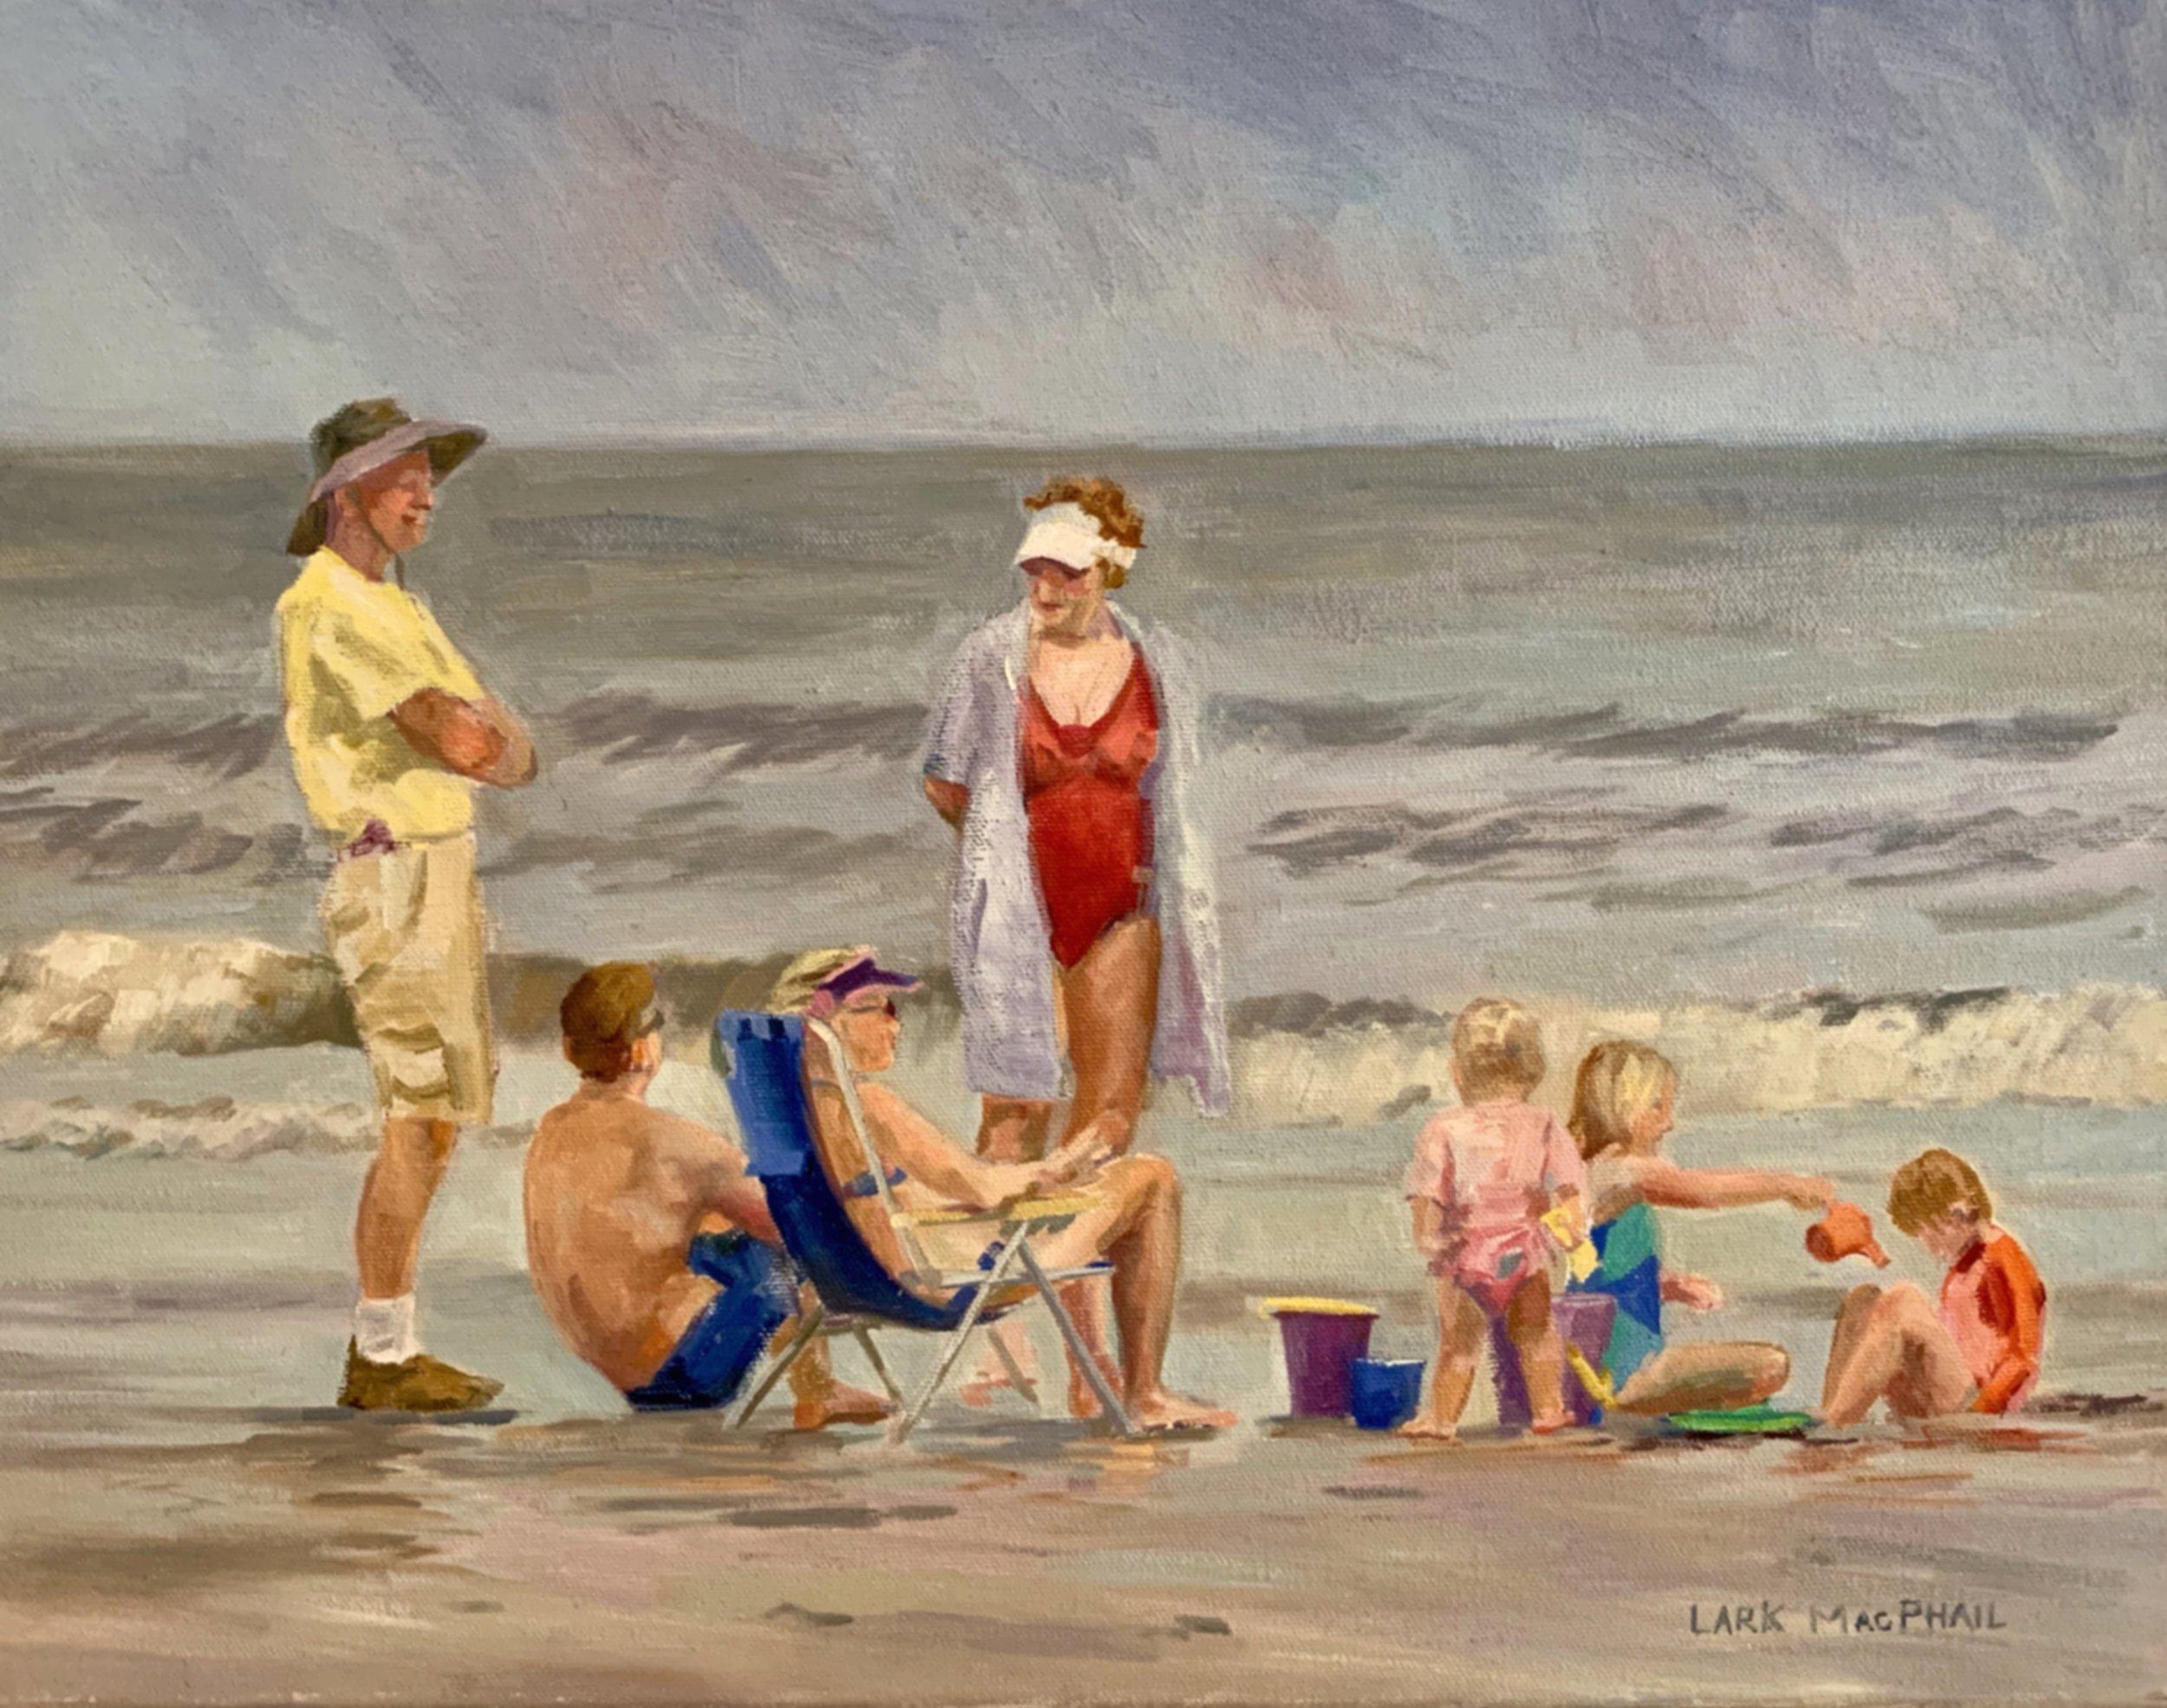 Family Vacation 14 x 18